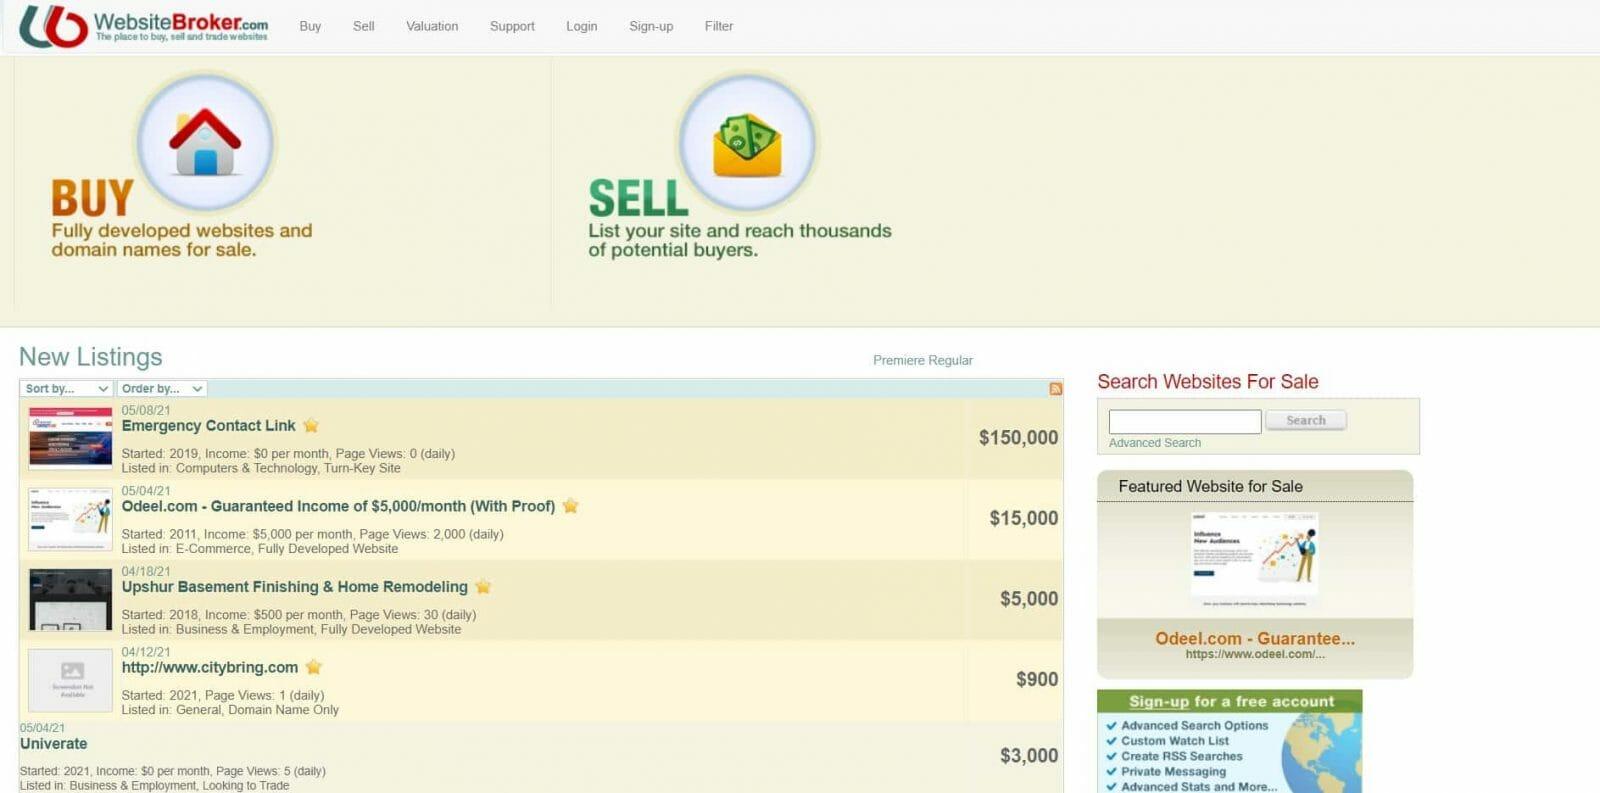 Website Broker